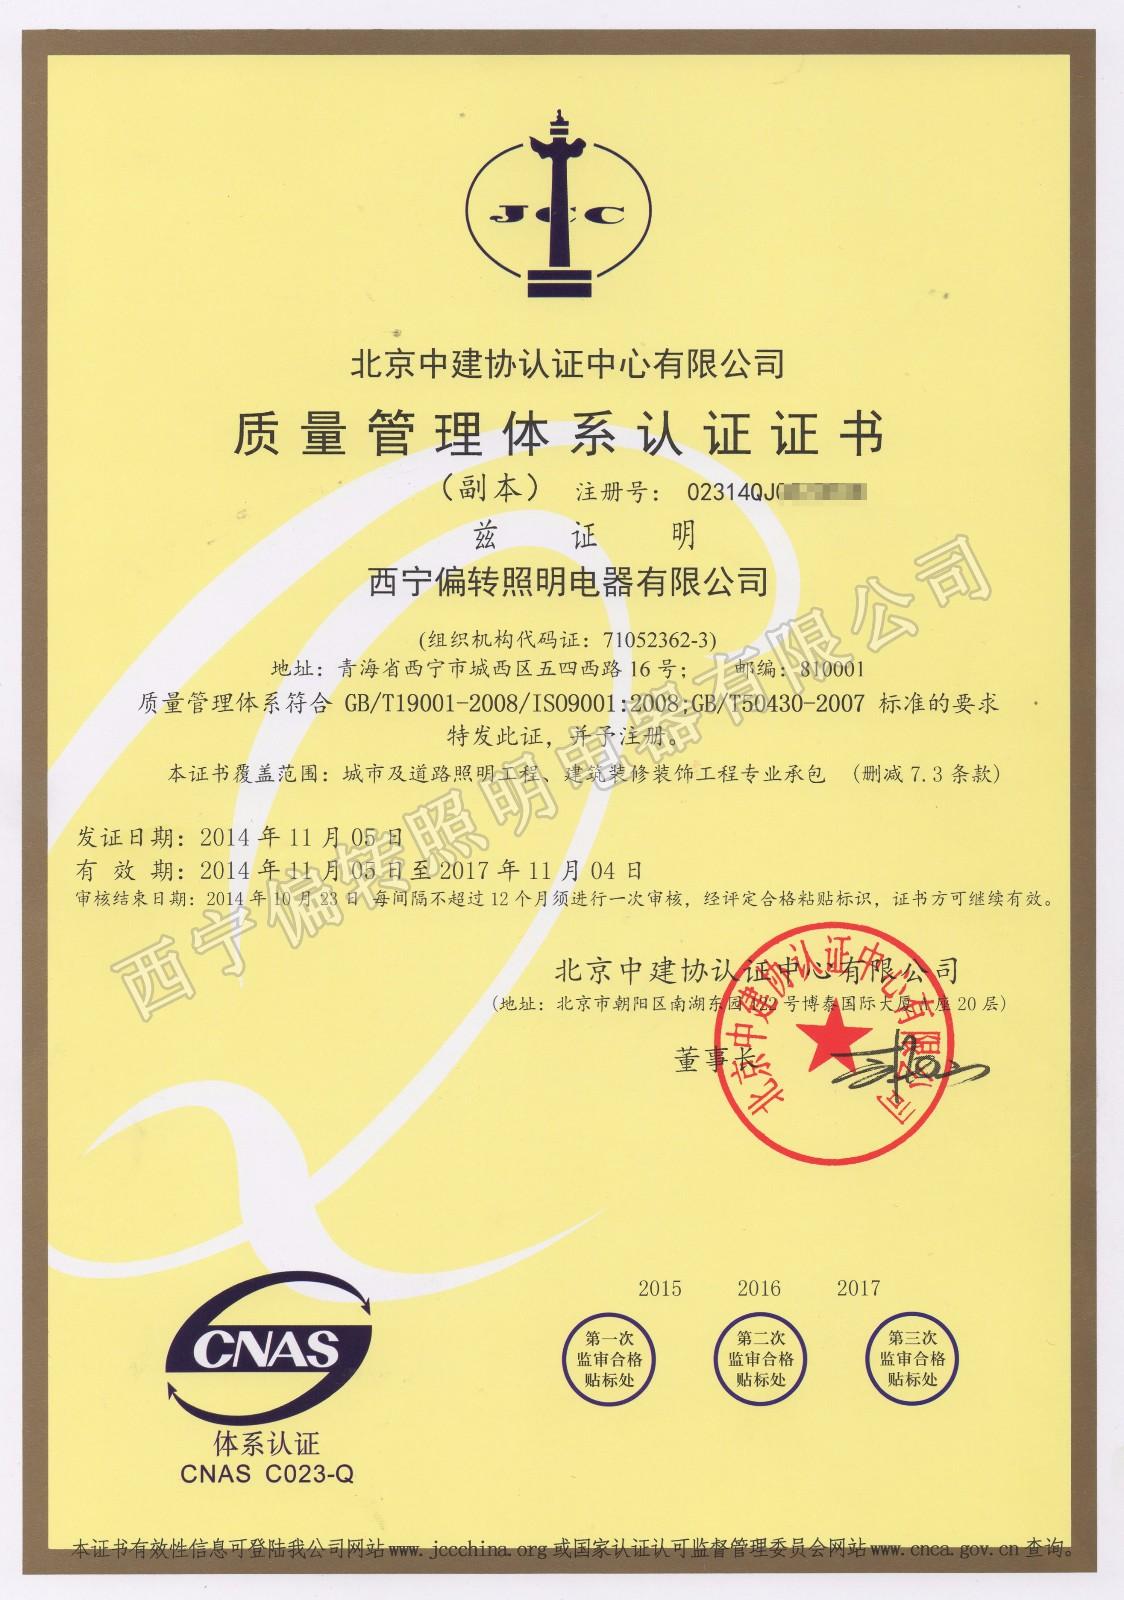 质量管理体系认证证书|荣誉资质-西宁偏转照明电器有限公司陕西分公司